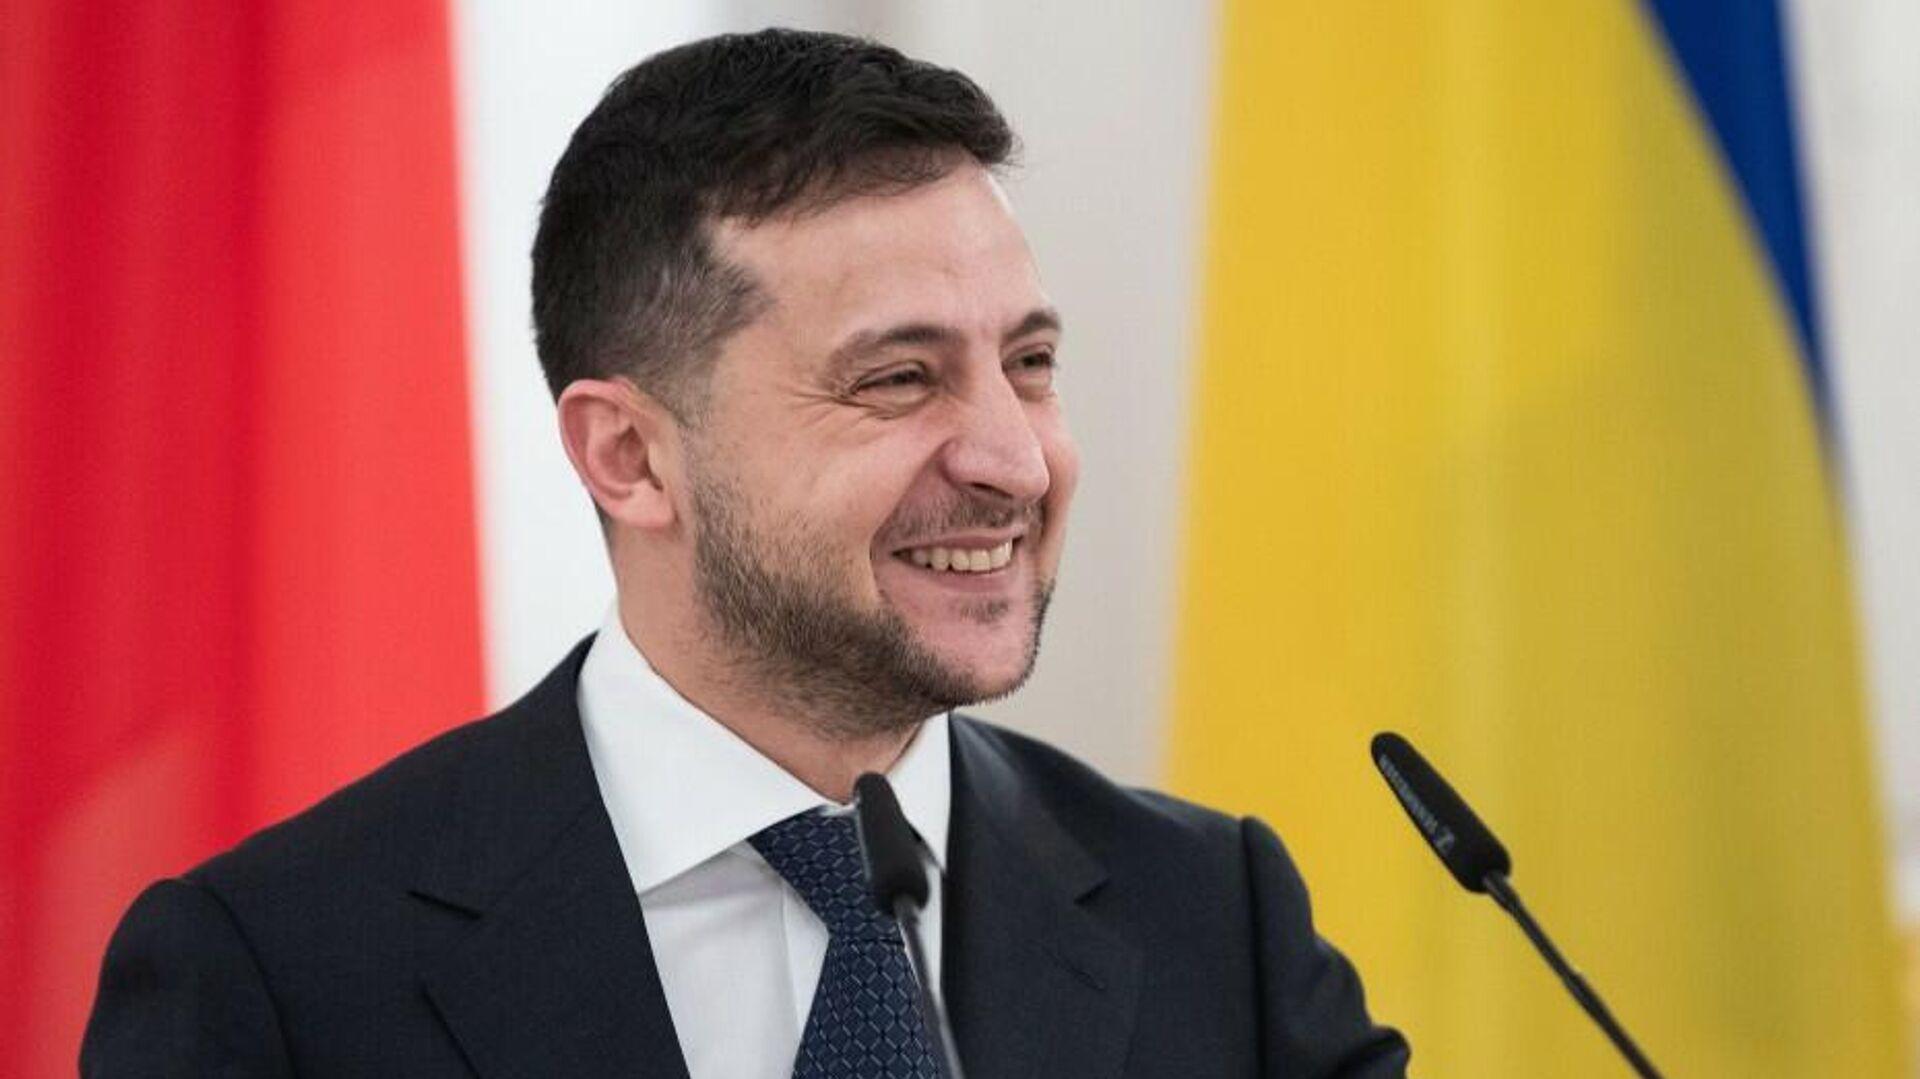 Nem halt még meg elég európai, Ukrajna zsidó elnöke újra háborút akar az oroszokkal